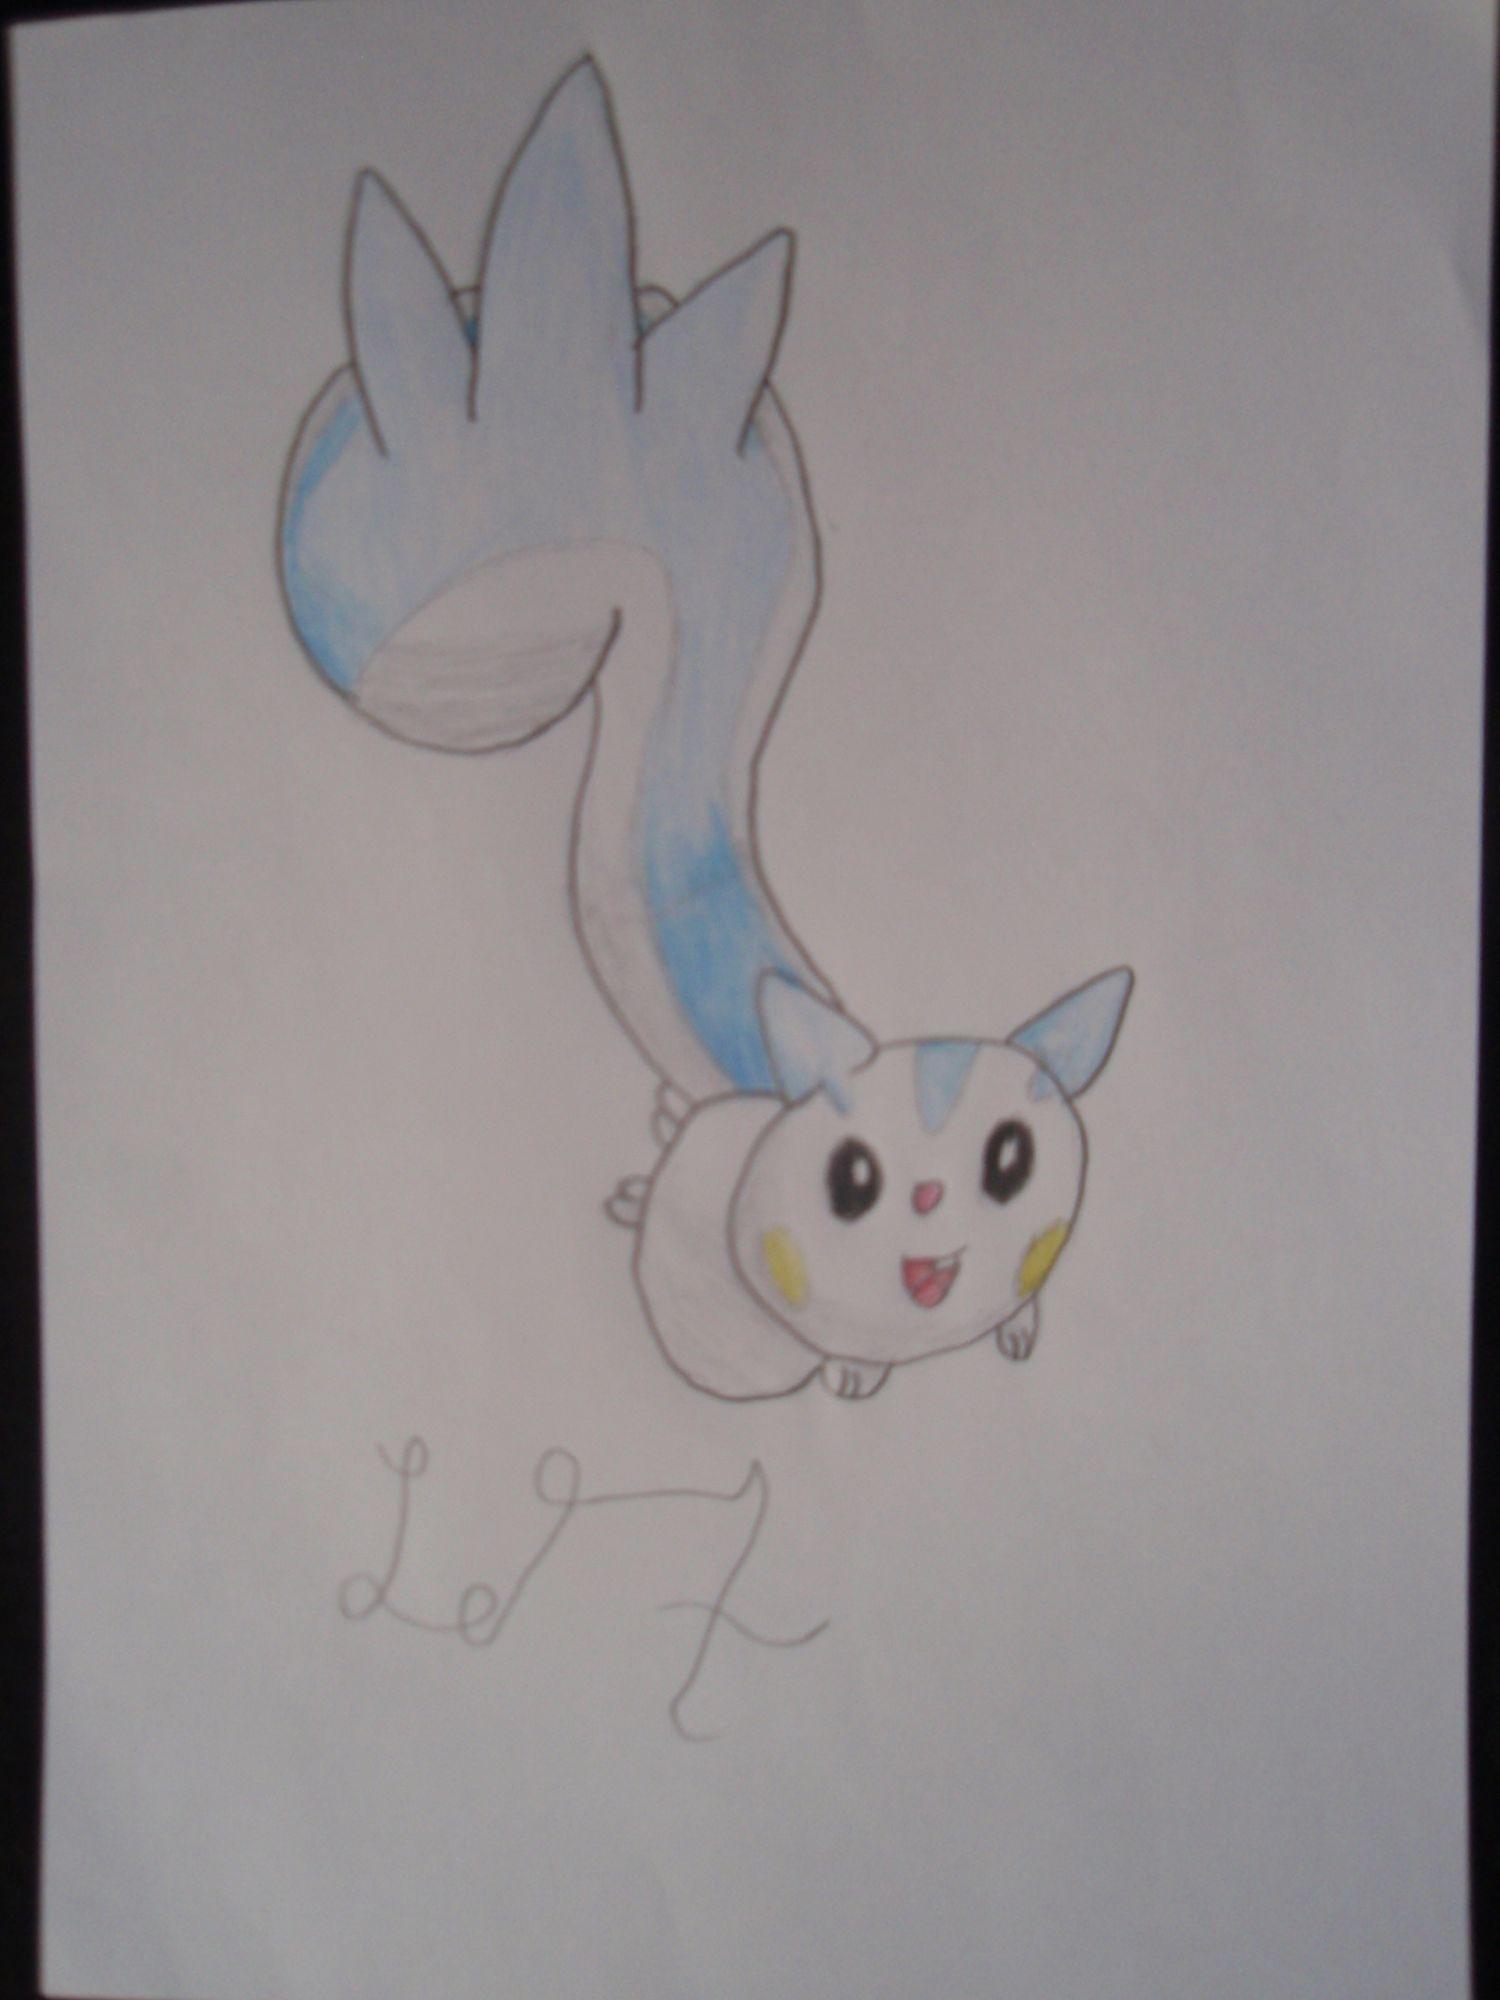 Pokémon-Zeichnung: Pachirisu ZEichnung